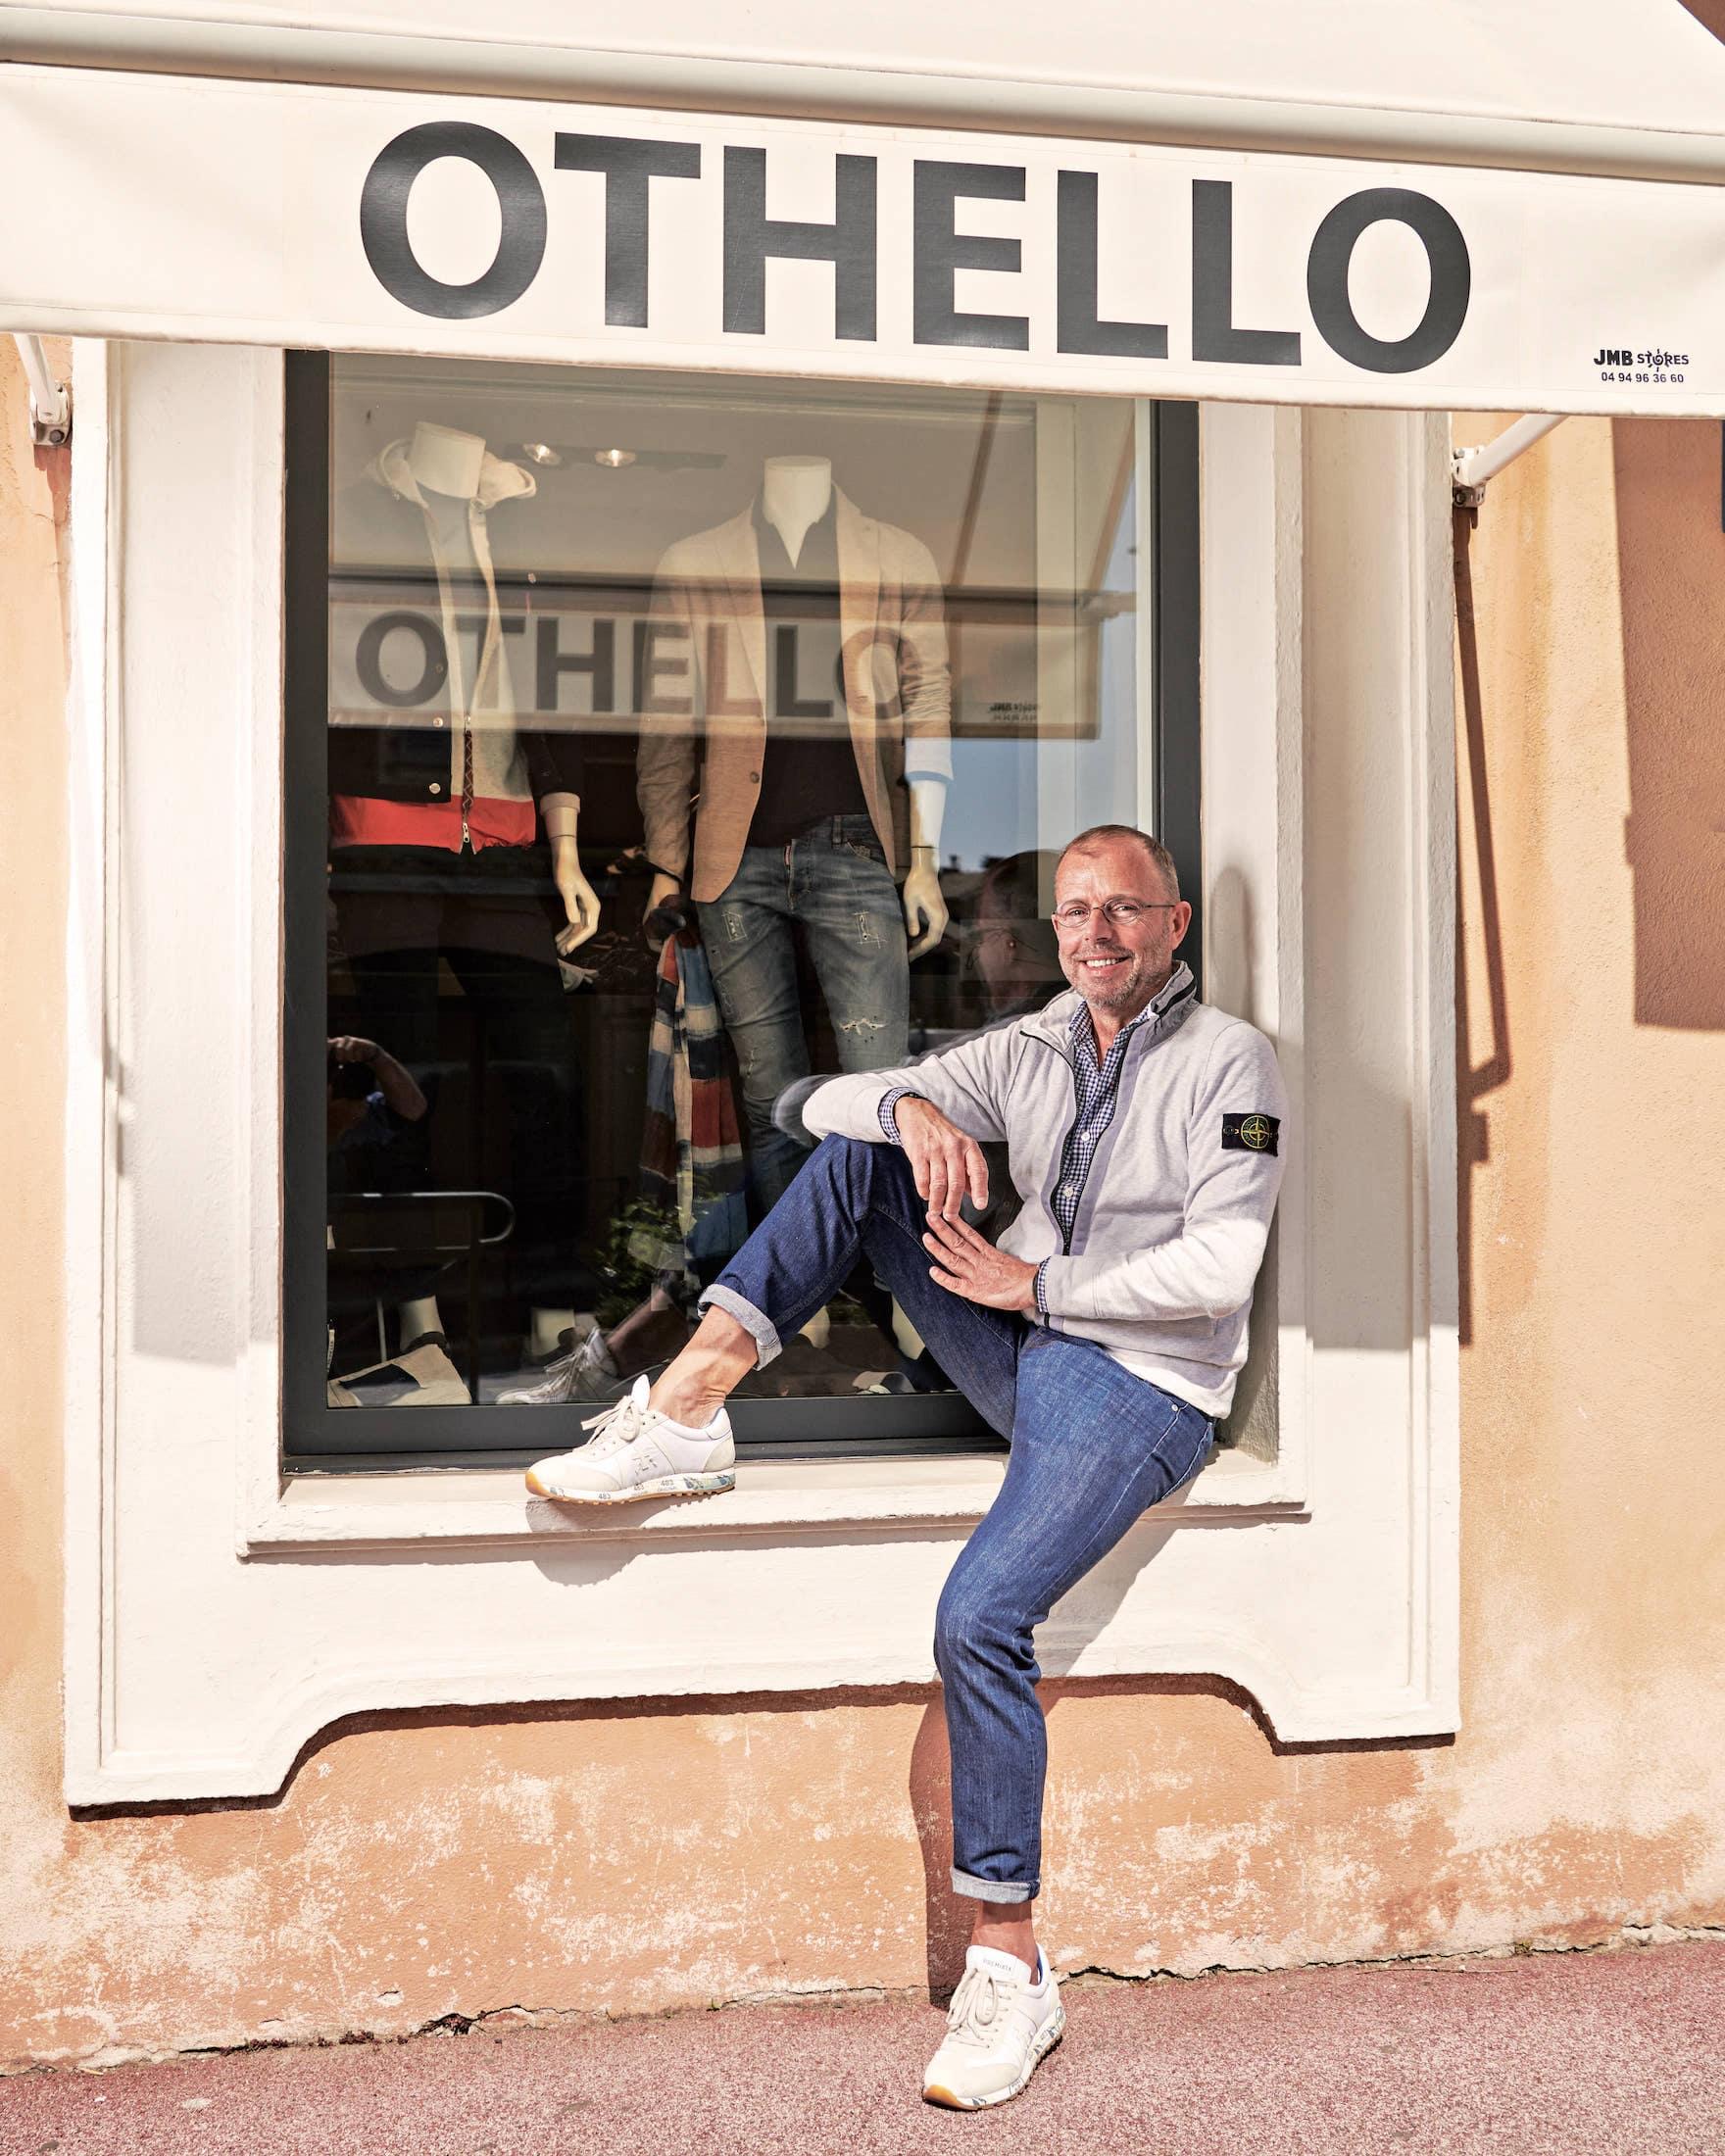 Othello Saint-Tropez